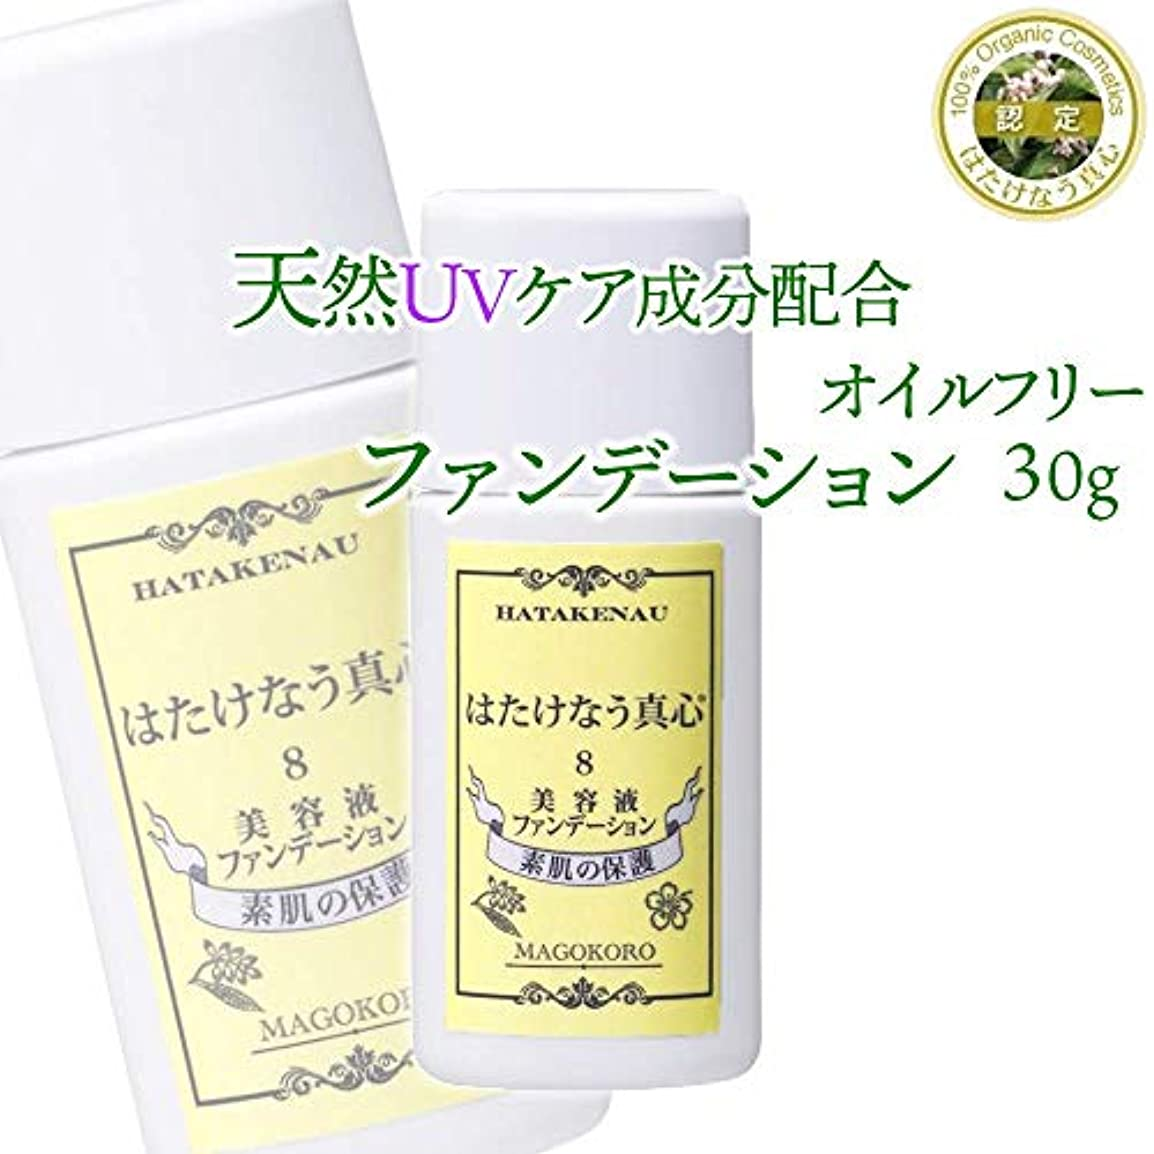 系統的理解回想美容液ファンデーション?8番?素肌の保護